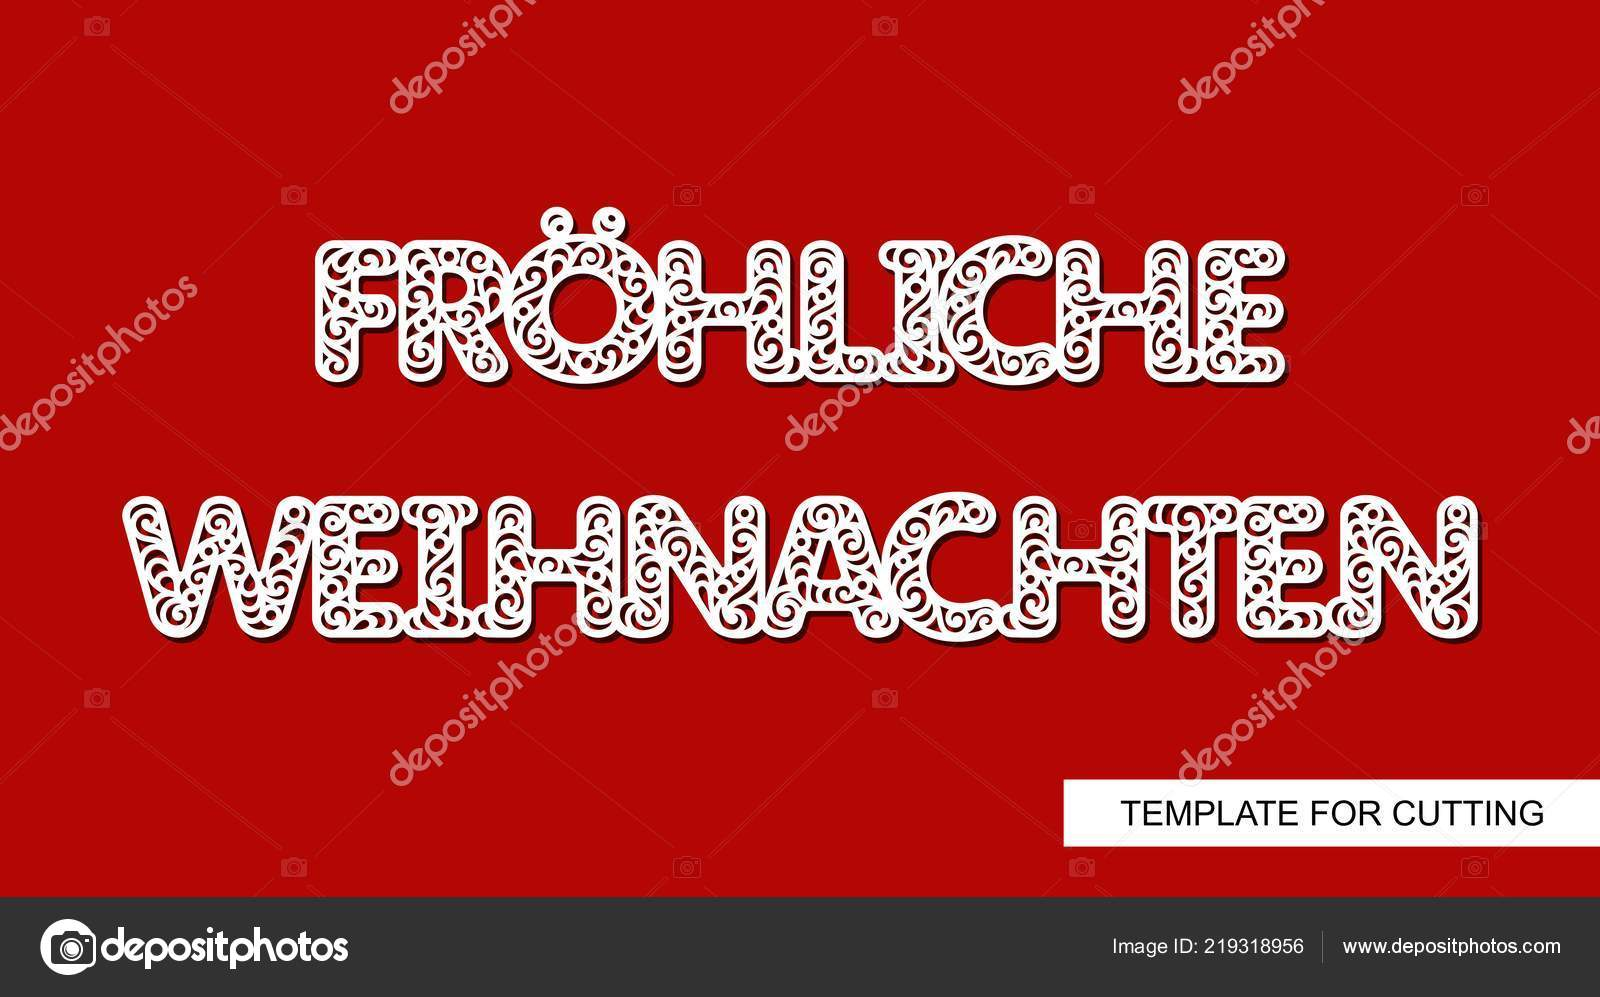 Buon Natale Del C Testo.Scritta Decorativa Natale Lingua Tedesca Frhliche Weihnachten Buon